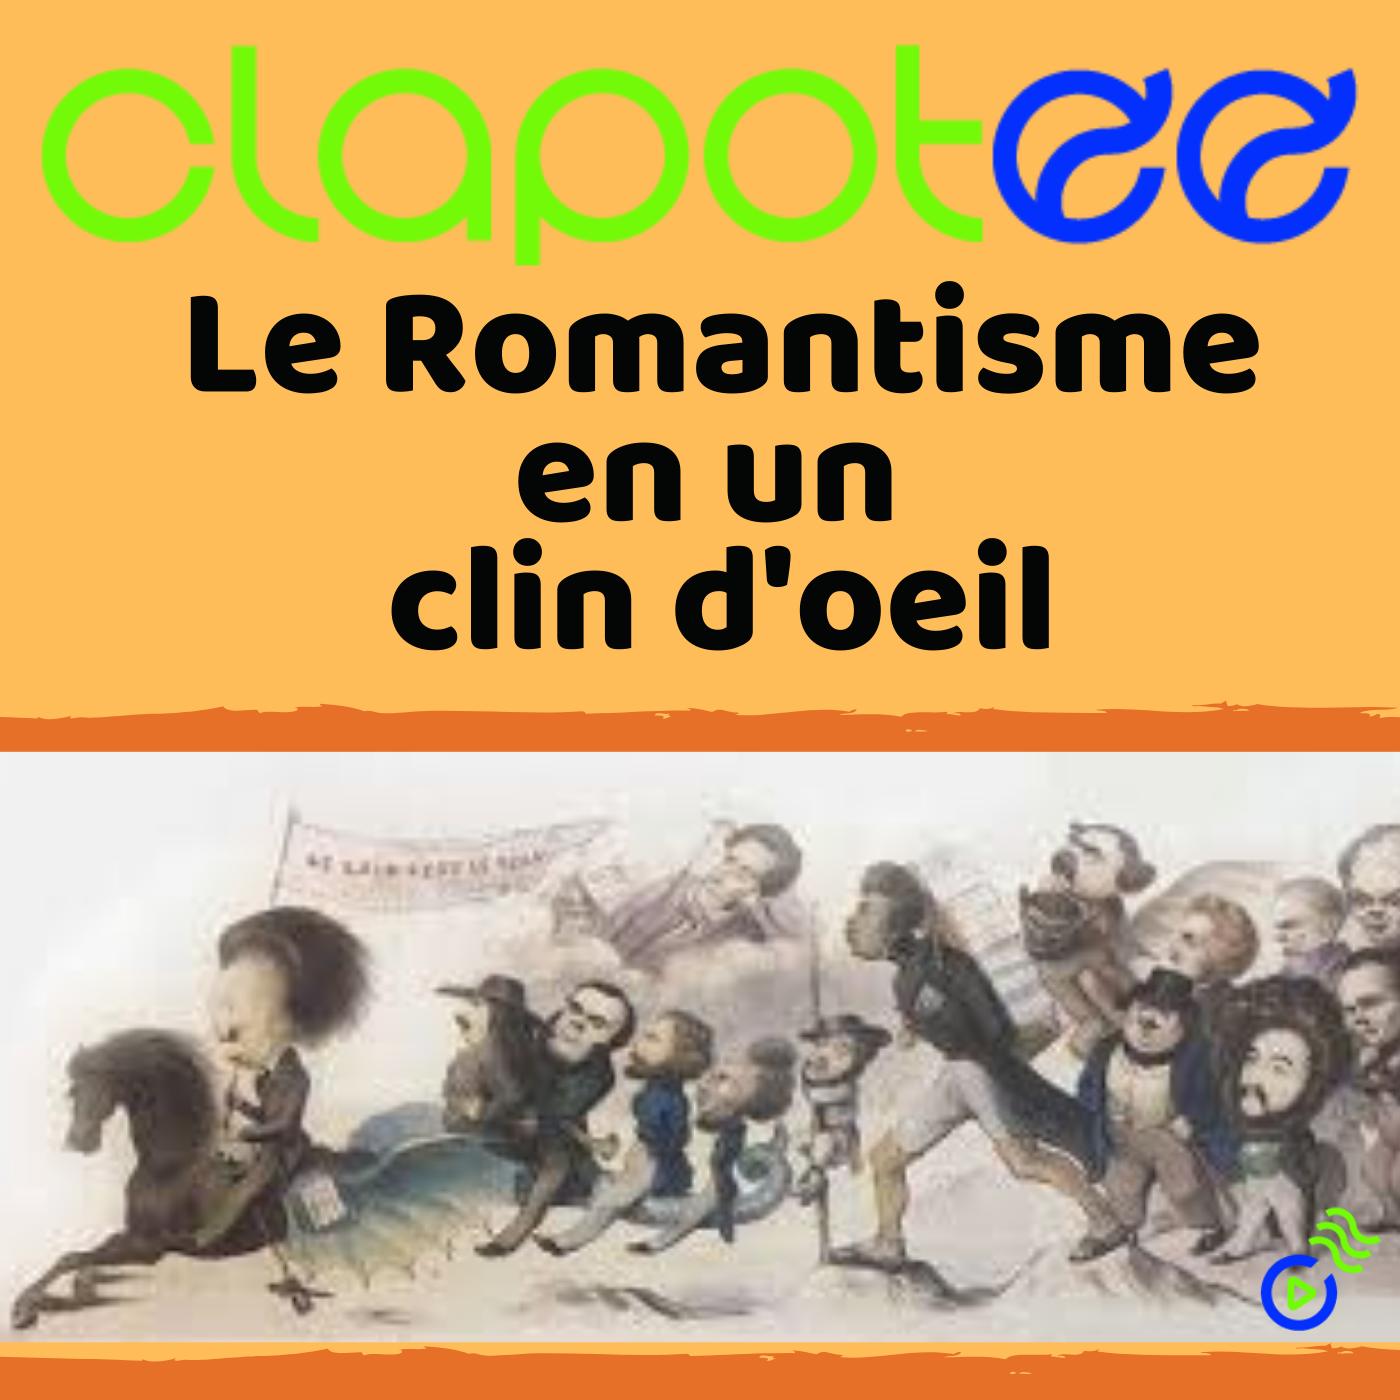 Le Romantisme en un clin d'oeil !